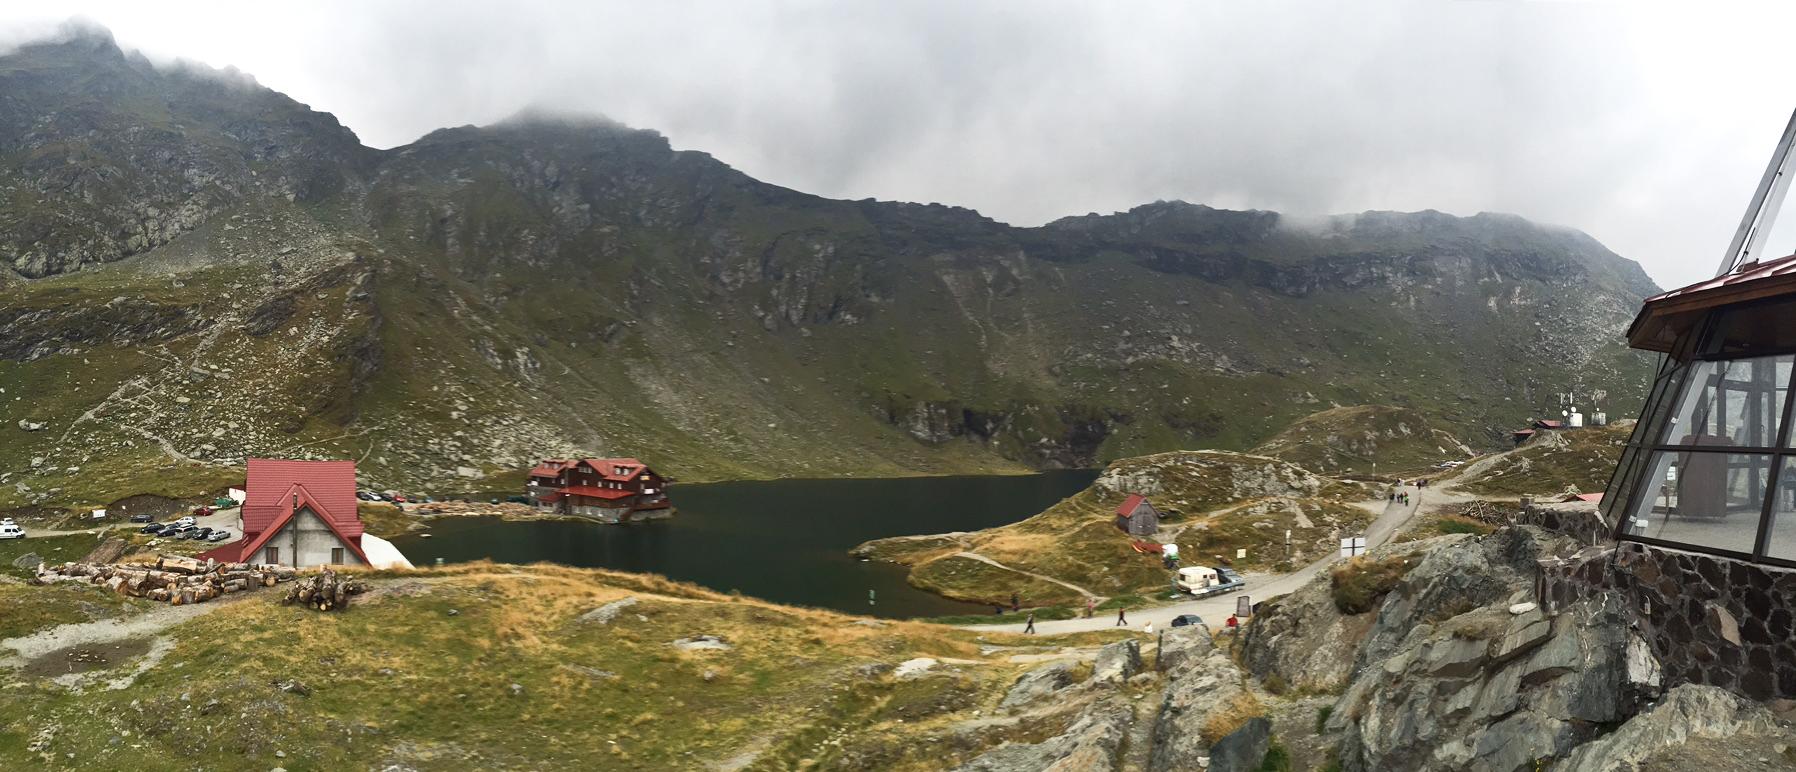 Transfagarasan panoramic postcards